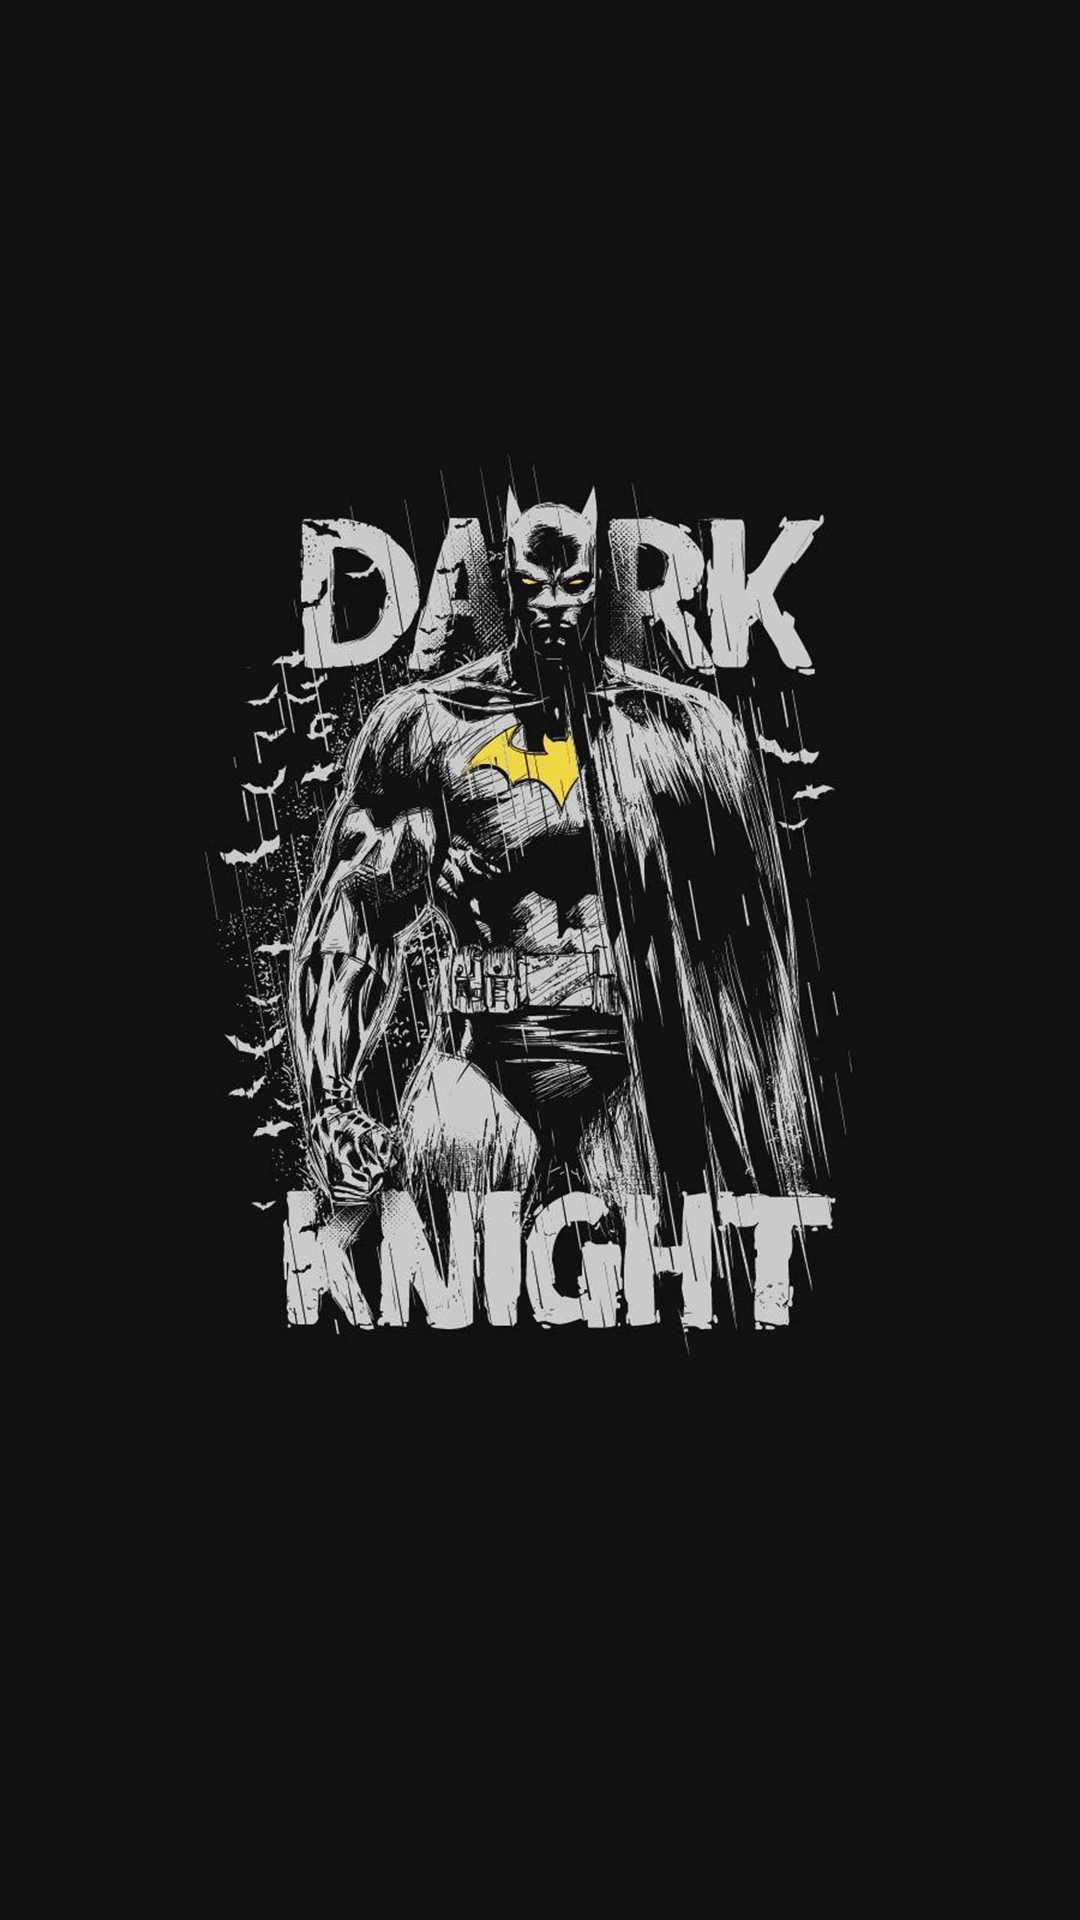 The Batman Minimal Dark Knight iPhone Wallpaper